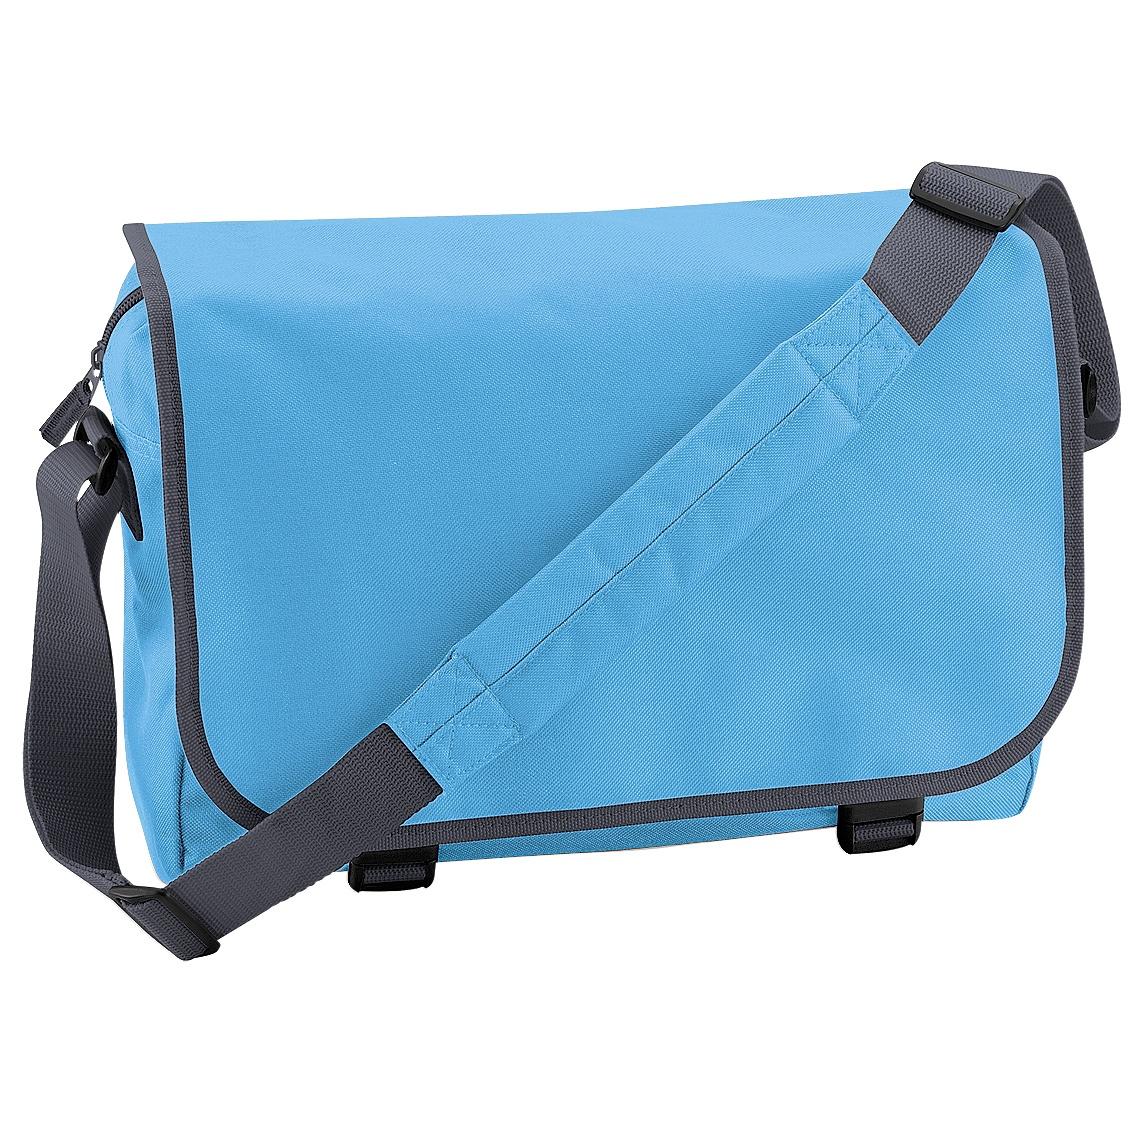 Bagbase Adjustable Messenger Bag (11 Litres) (One Size) (Surf Blue/ Graphite Grey)